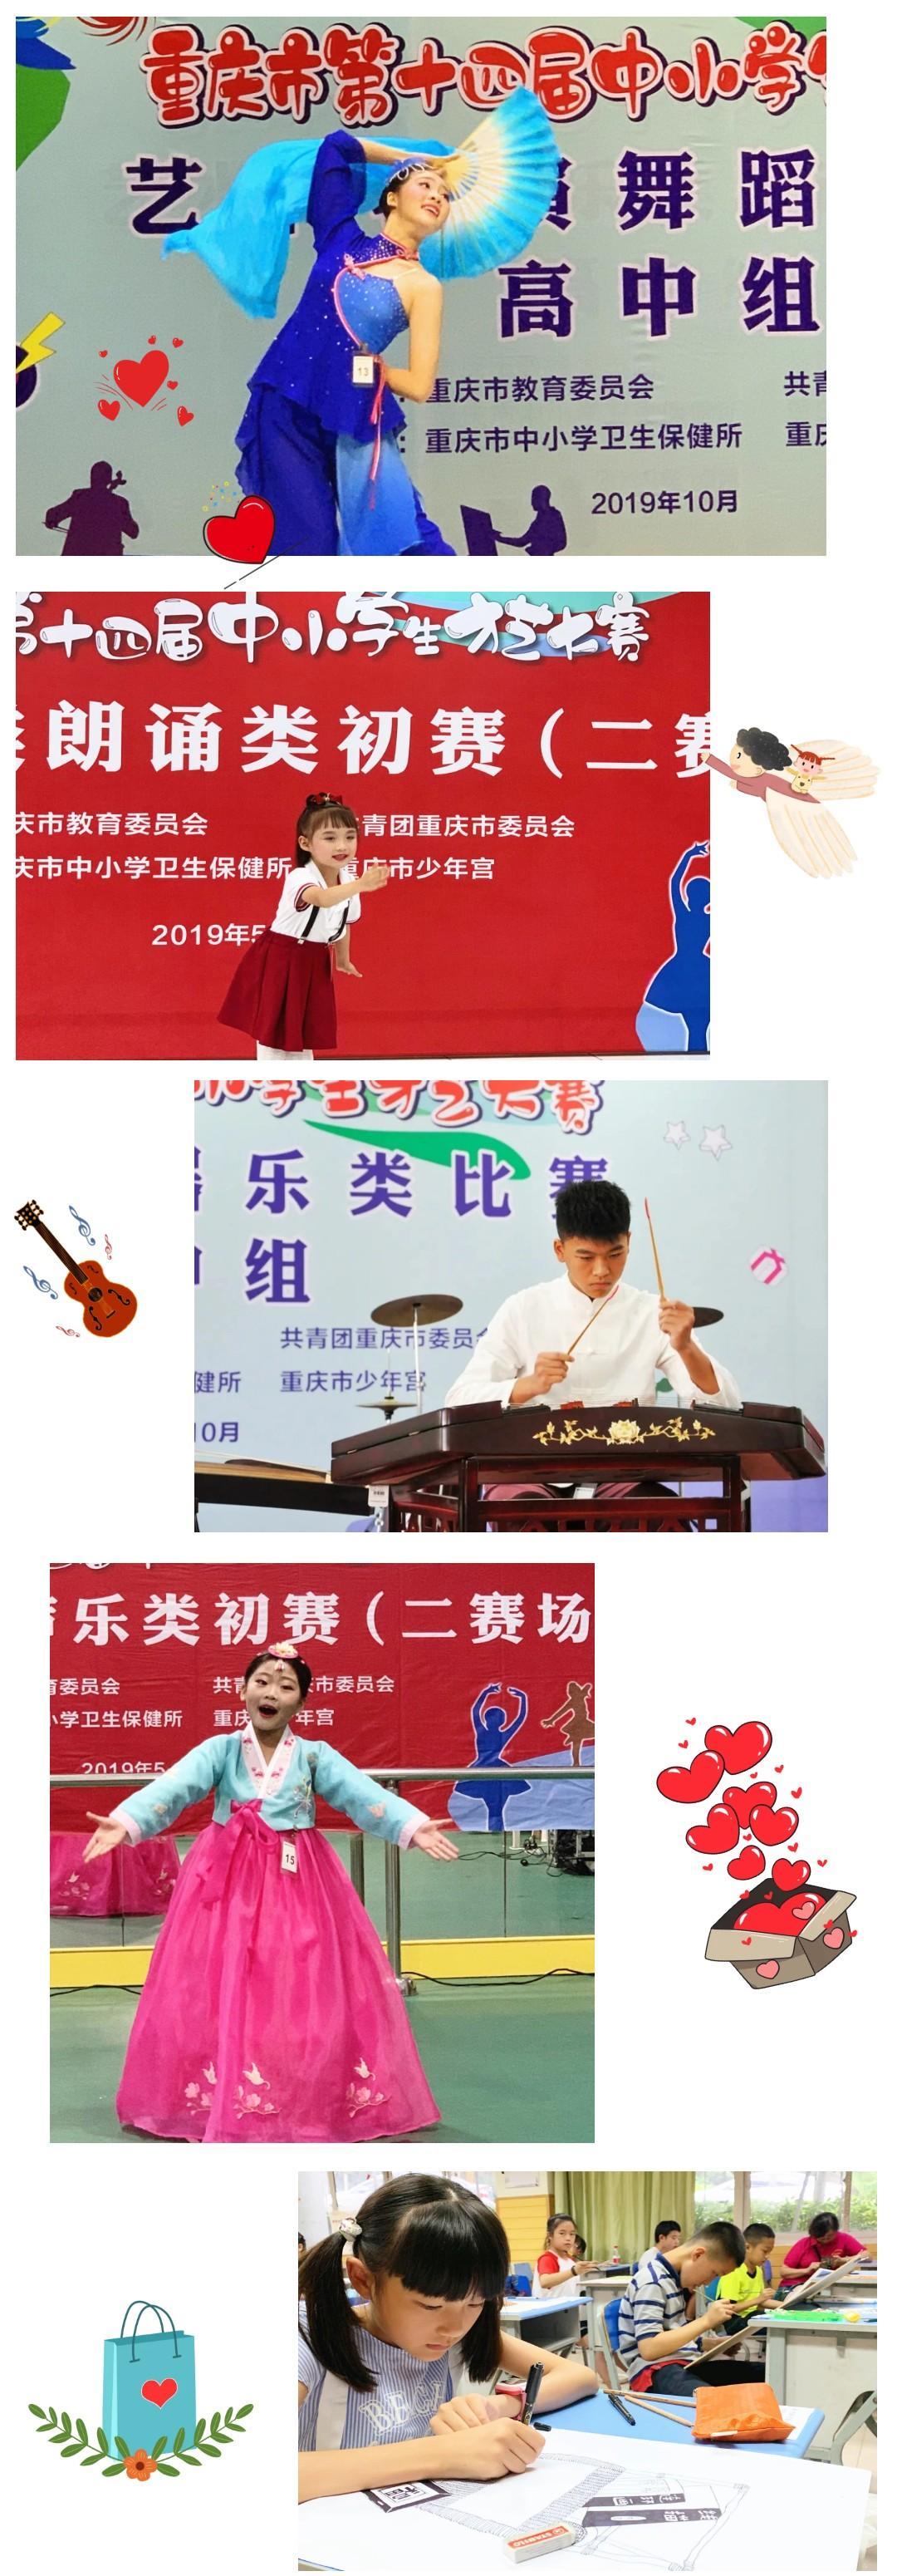 重庆市第十六届中小学生才艺大赛开始报名啦! 第18张